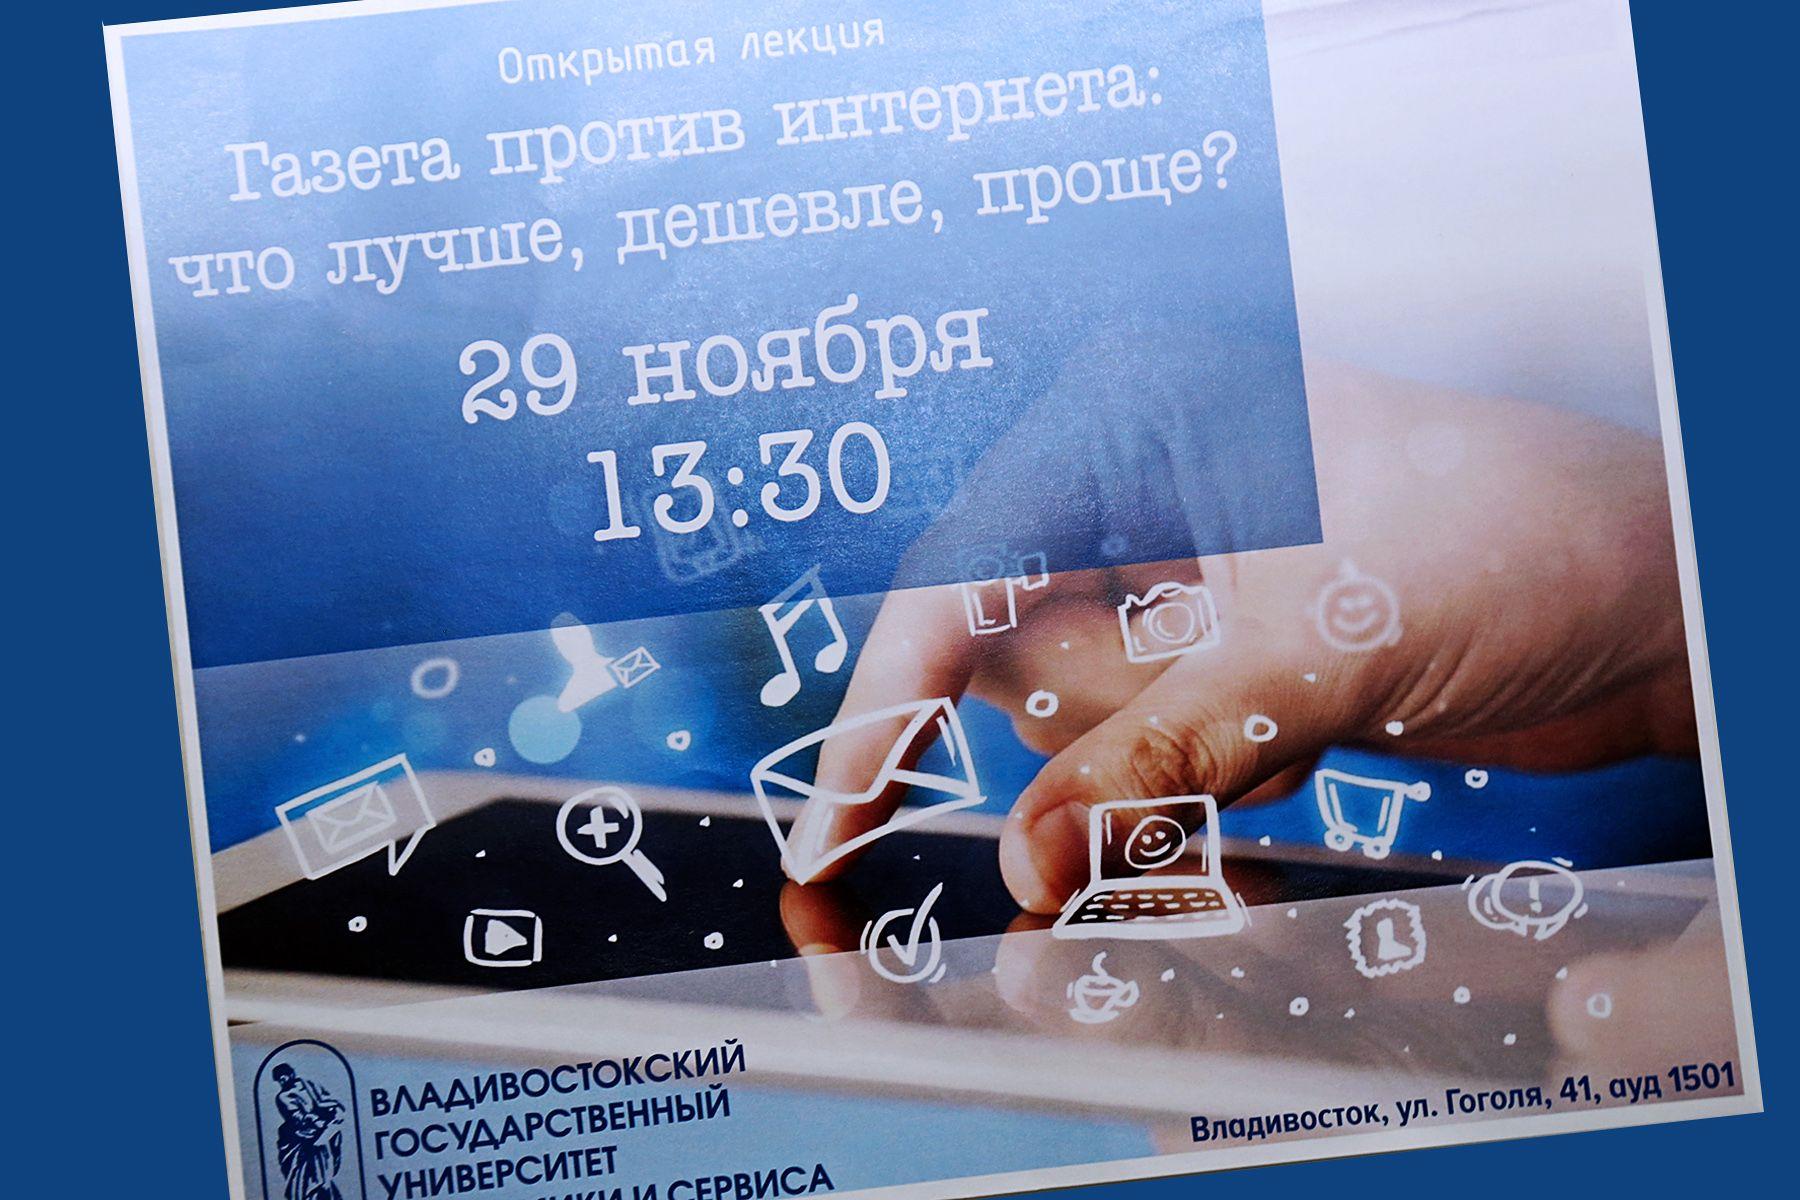 Газета vs Интернет: открытая лекция о противостоянии коммуникационных феноменов во ВГУЭС